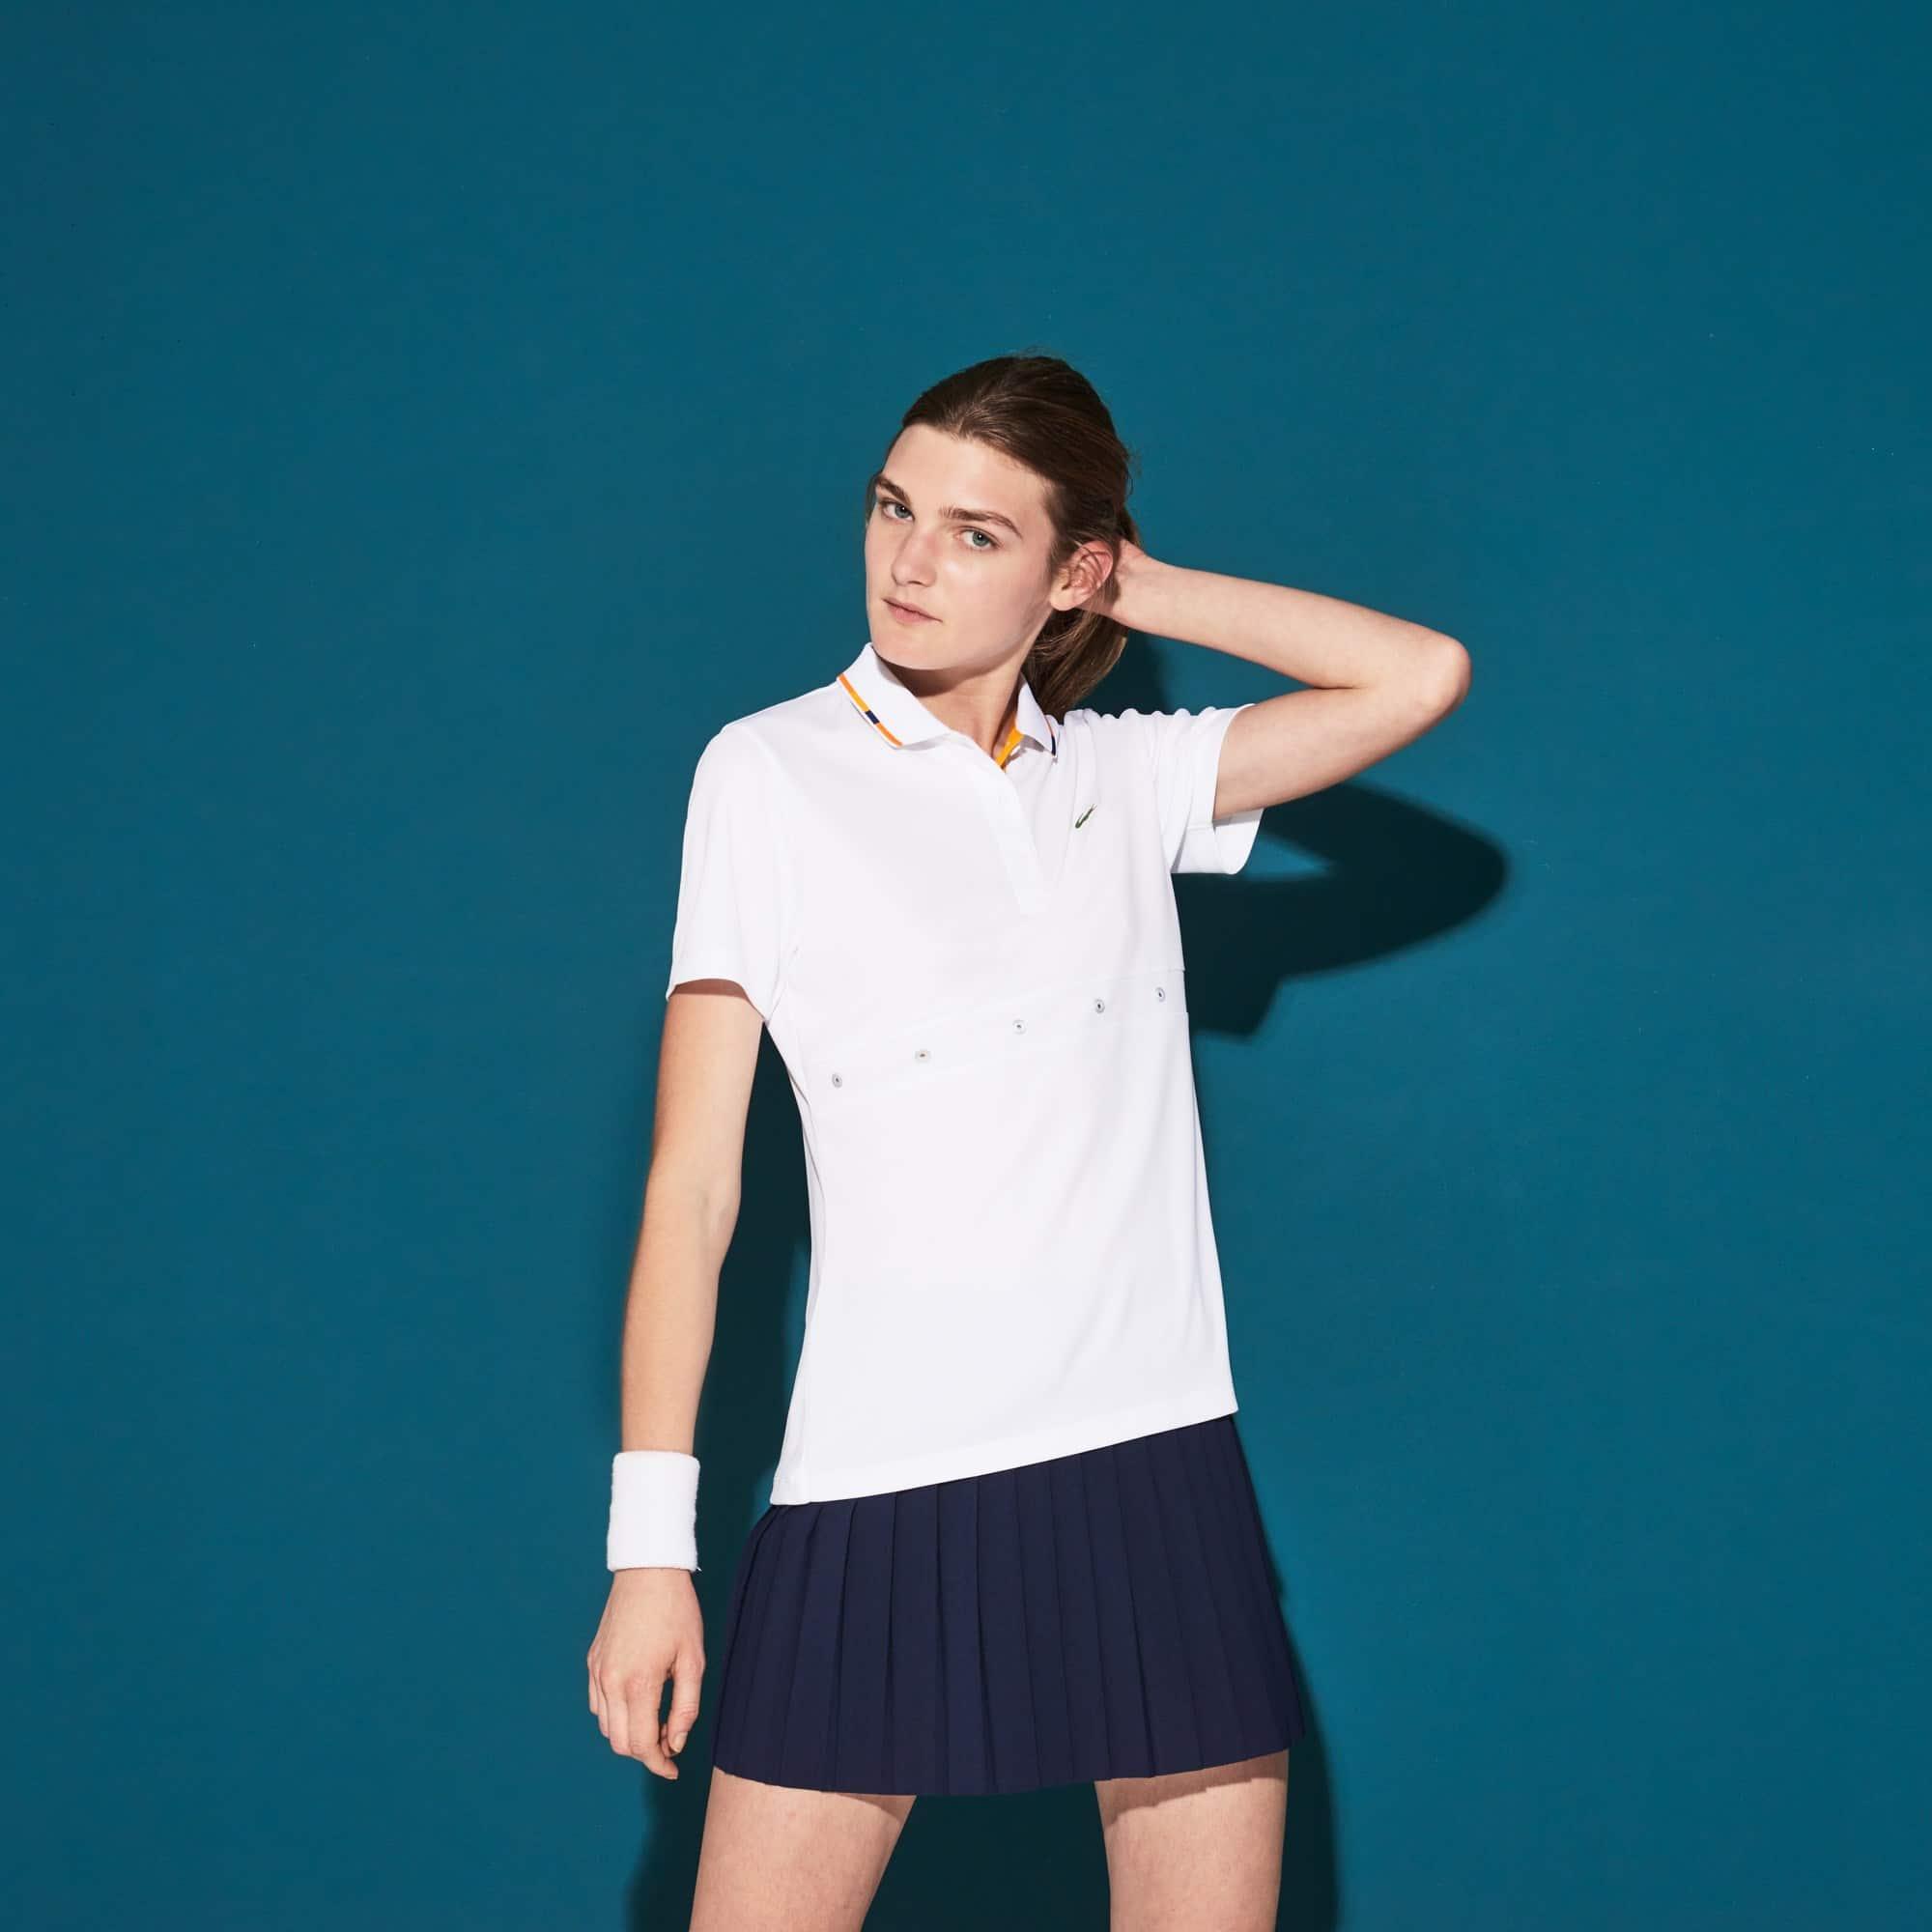 Women's Lacoste SPORT Contrast Collar Tech Piqué Tennis Polo Shirt